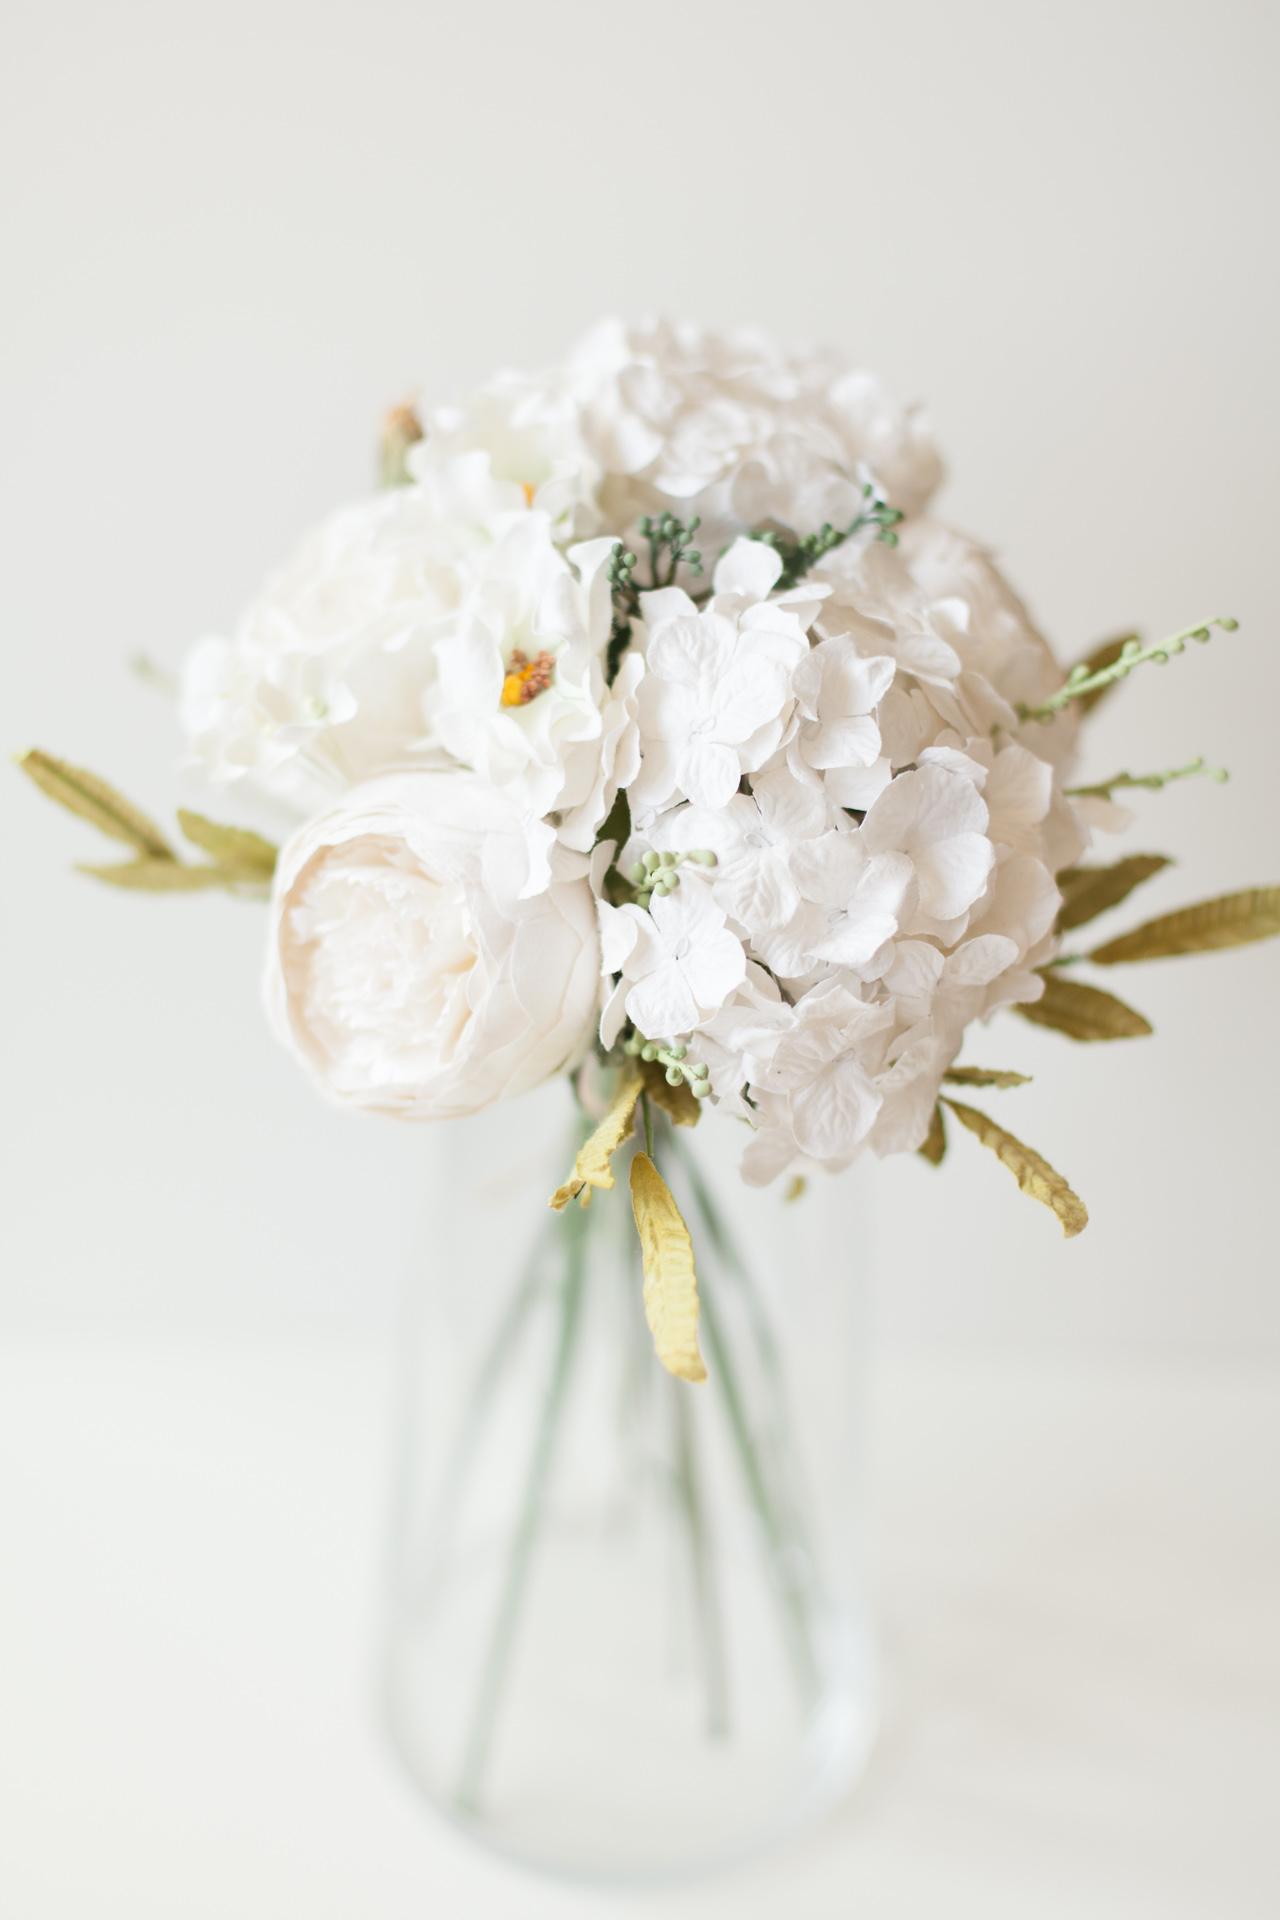 Paper Flower White Hydrangea Bouquet